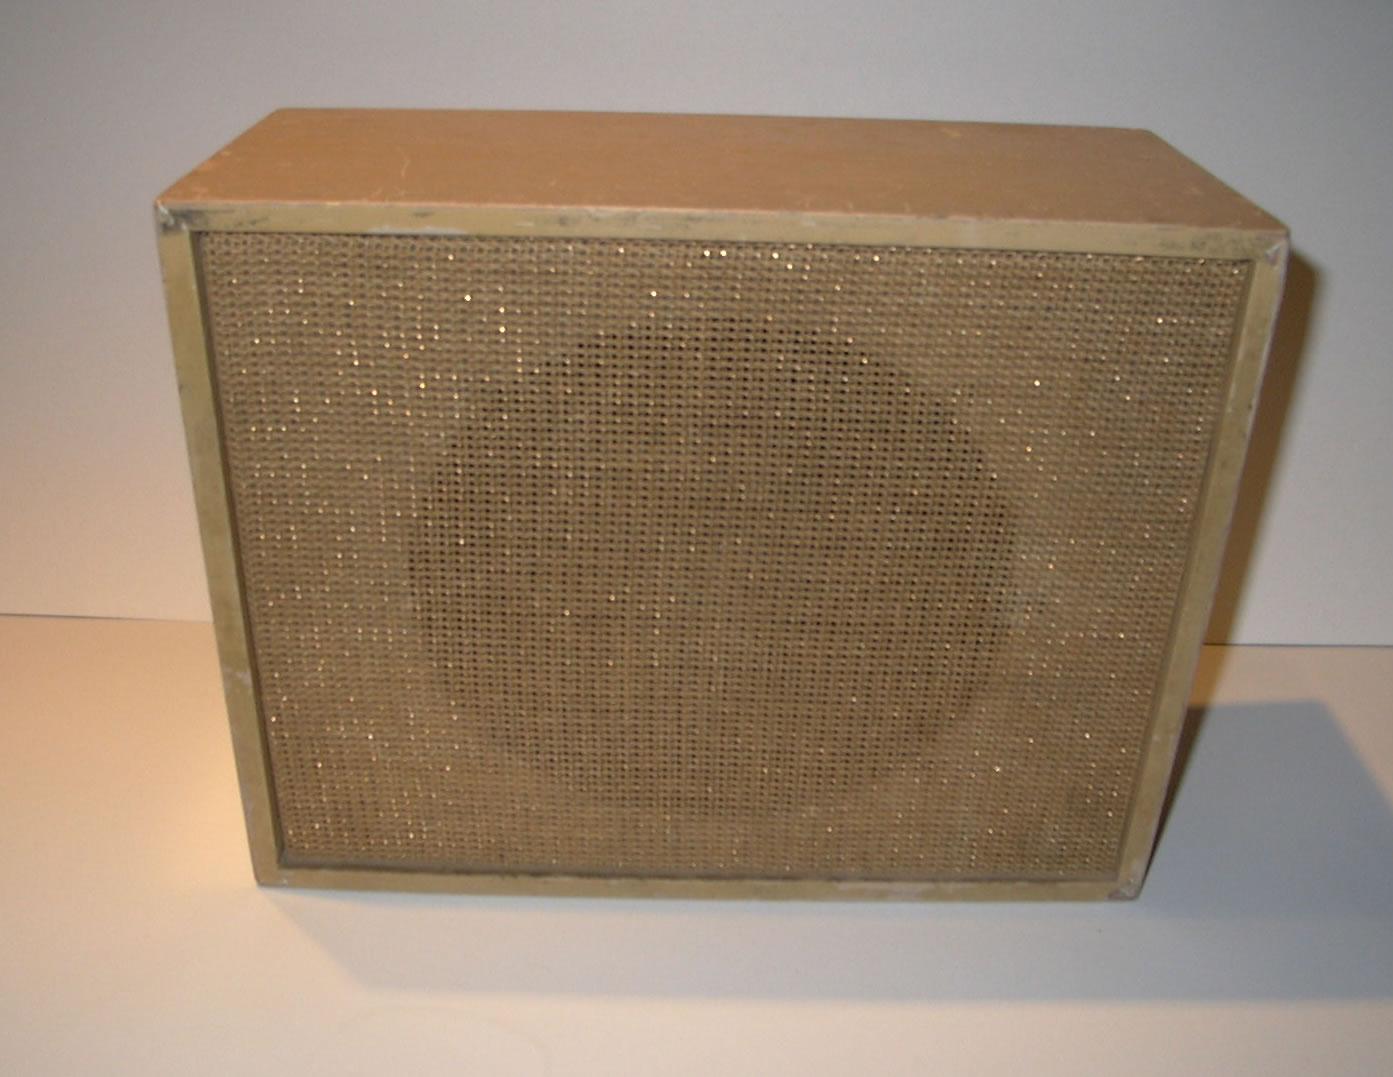 Vintage Equipment gt Speakers